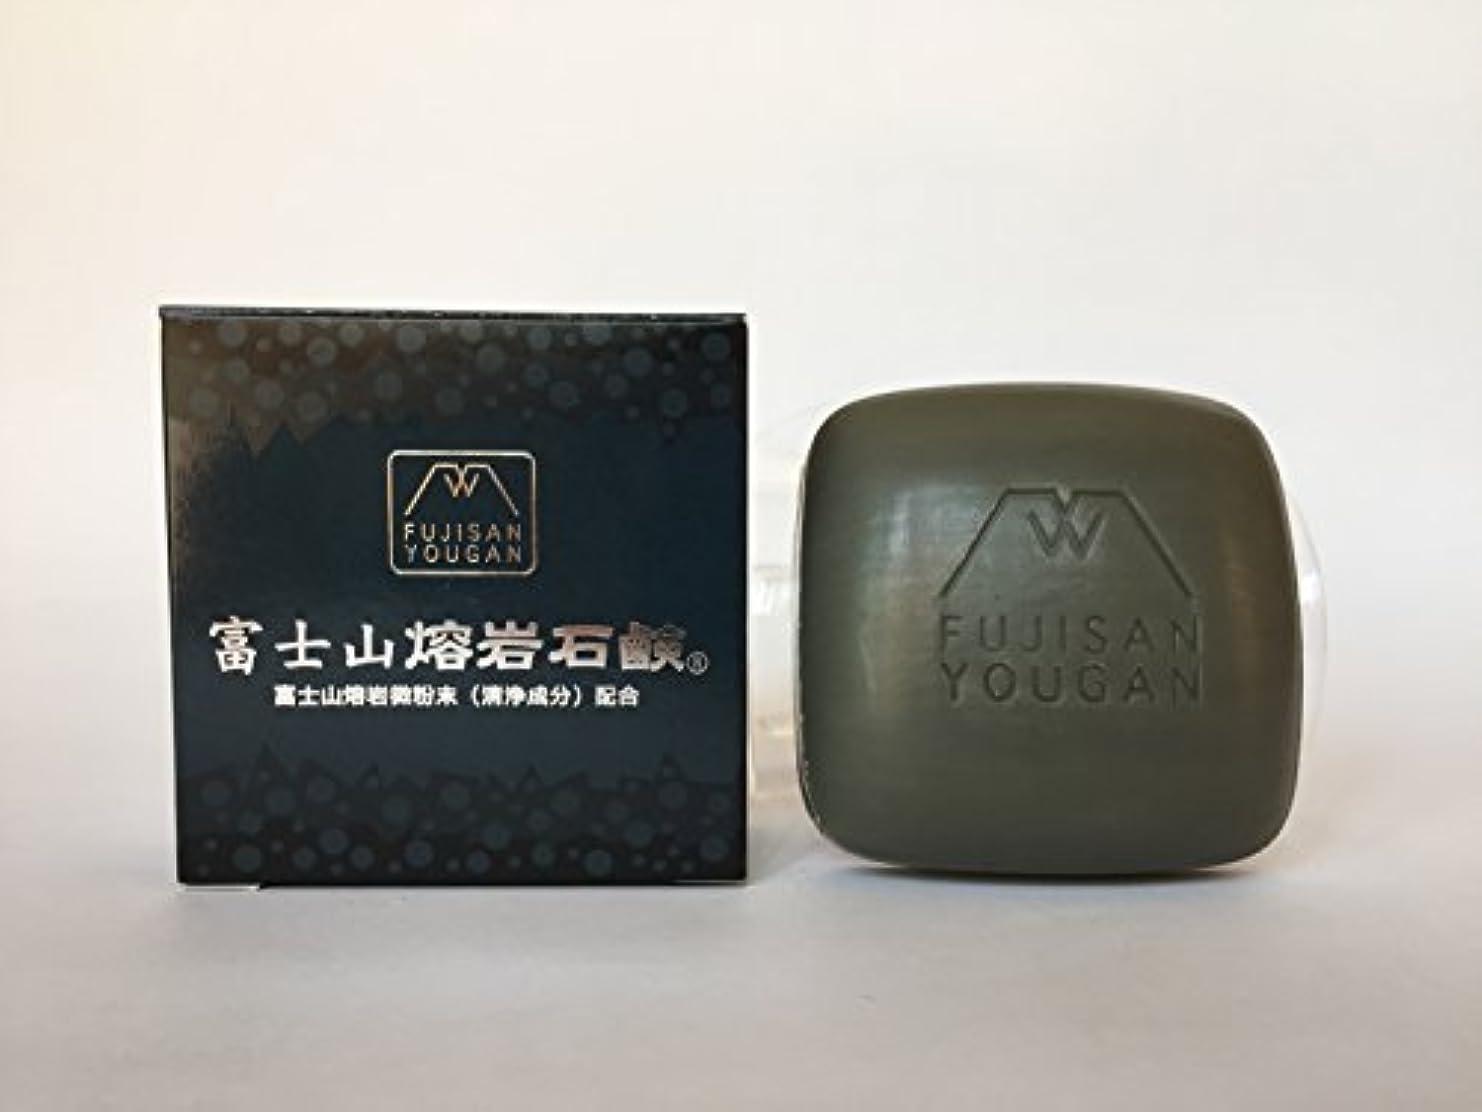 トピック責邪魔する富士山溶岩石鹸 100g/個×2個セット